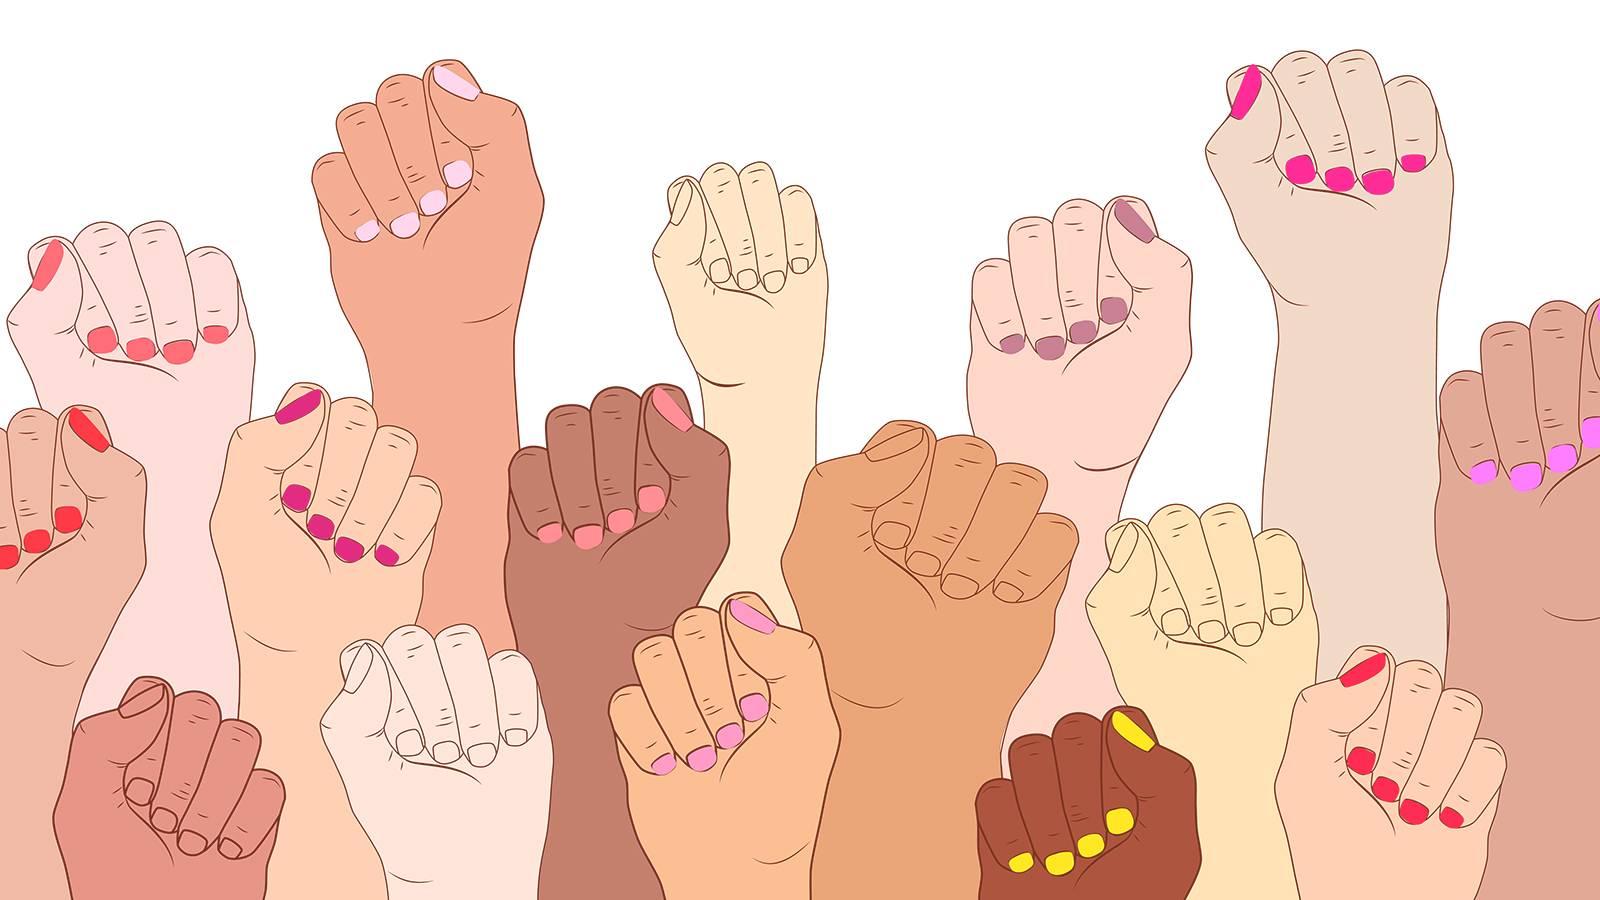 Ilustração de punhos femininos levantados representando mulheres fortes